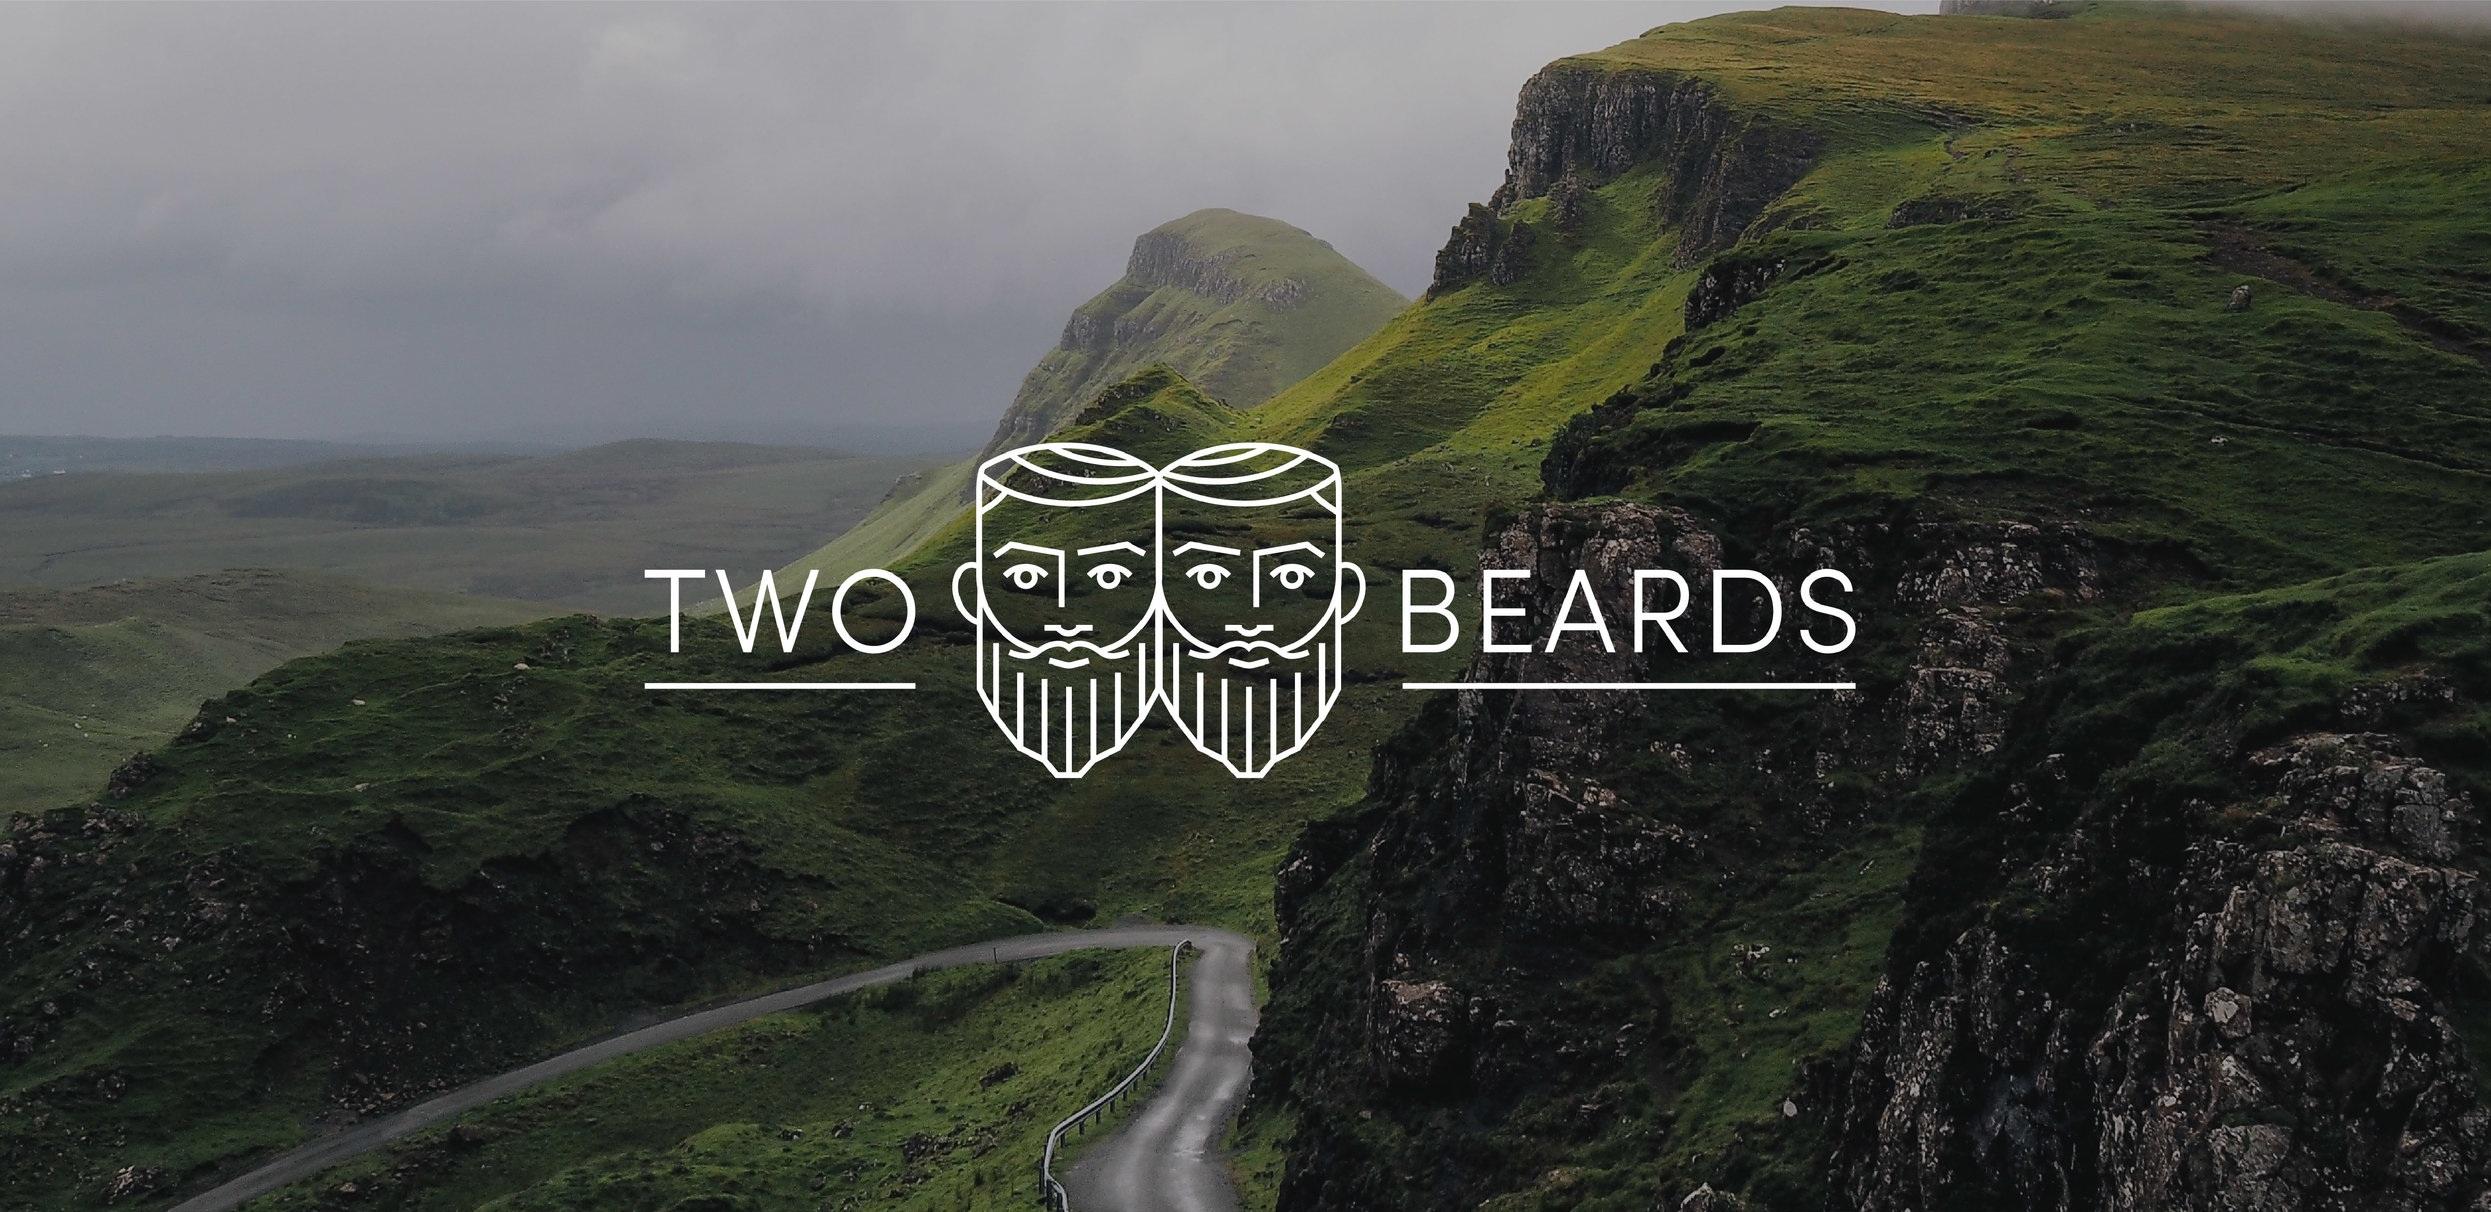 Branding for a bearded entrepreneur duo.